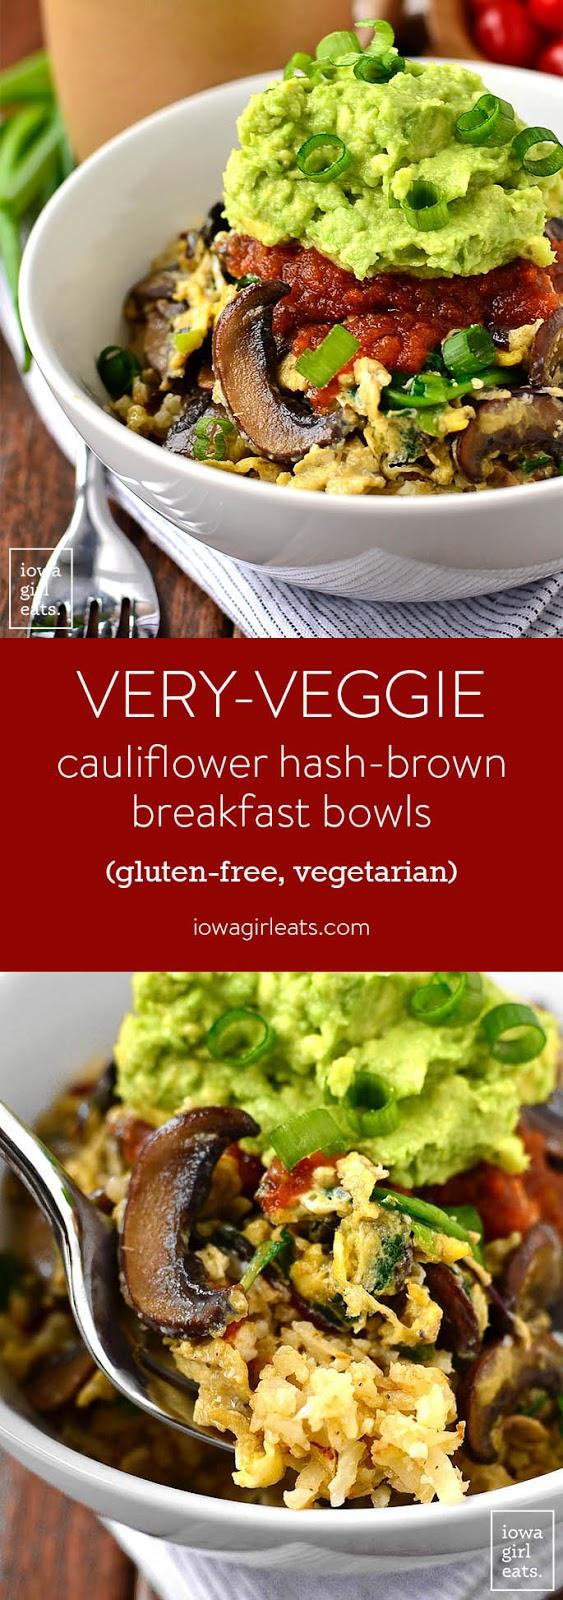 Very-Veggie Cauliflower Hash Brown Breakfast Bowl + 5 Cauliflower Rice Recipes